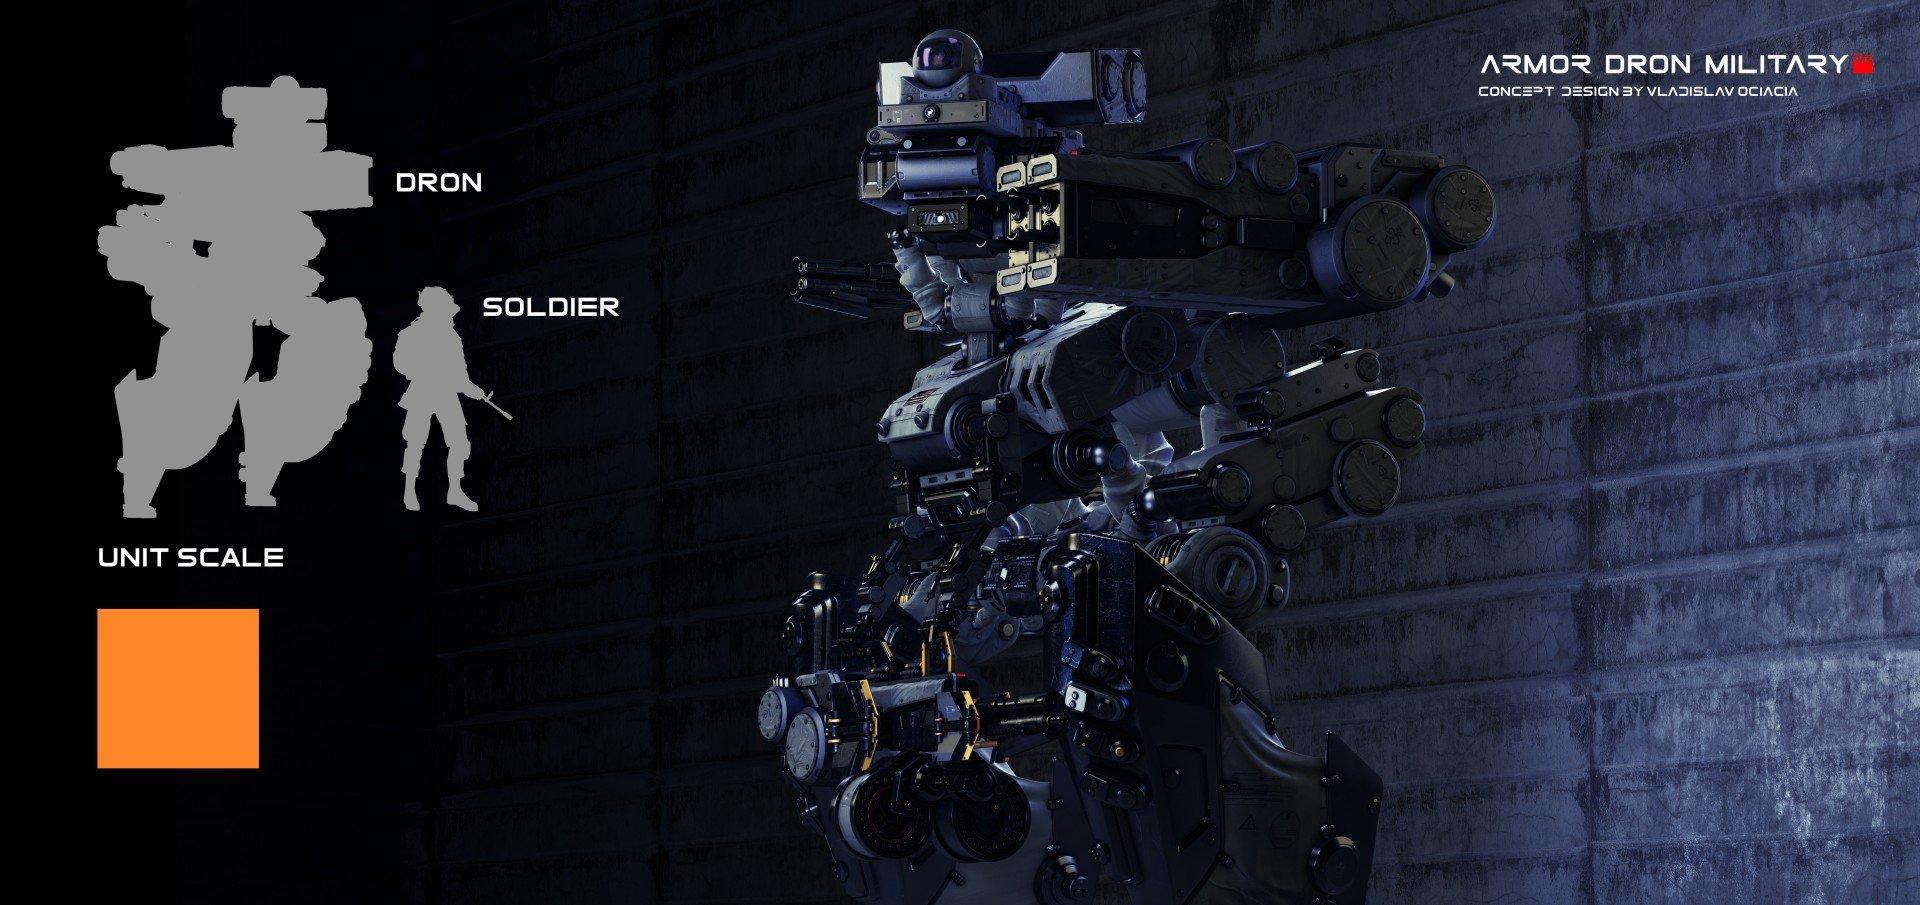 Vladislav ociacia armored dron iii 13